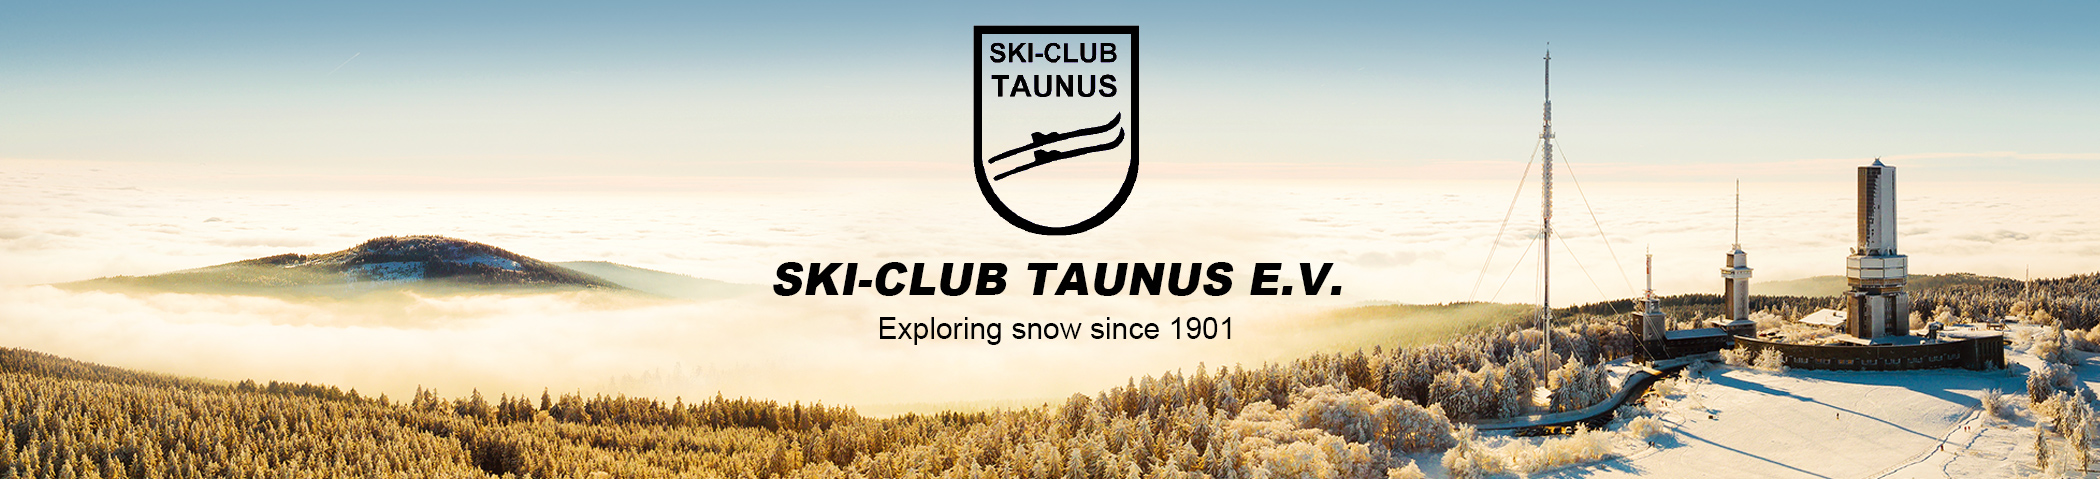 Ski-Club Taunus e.V.